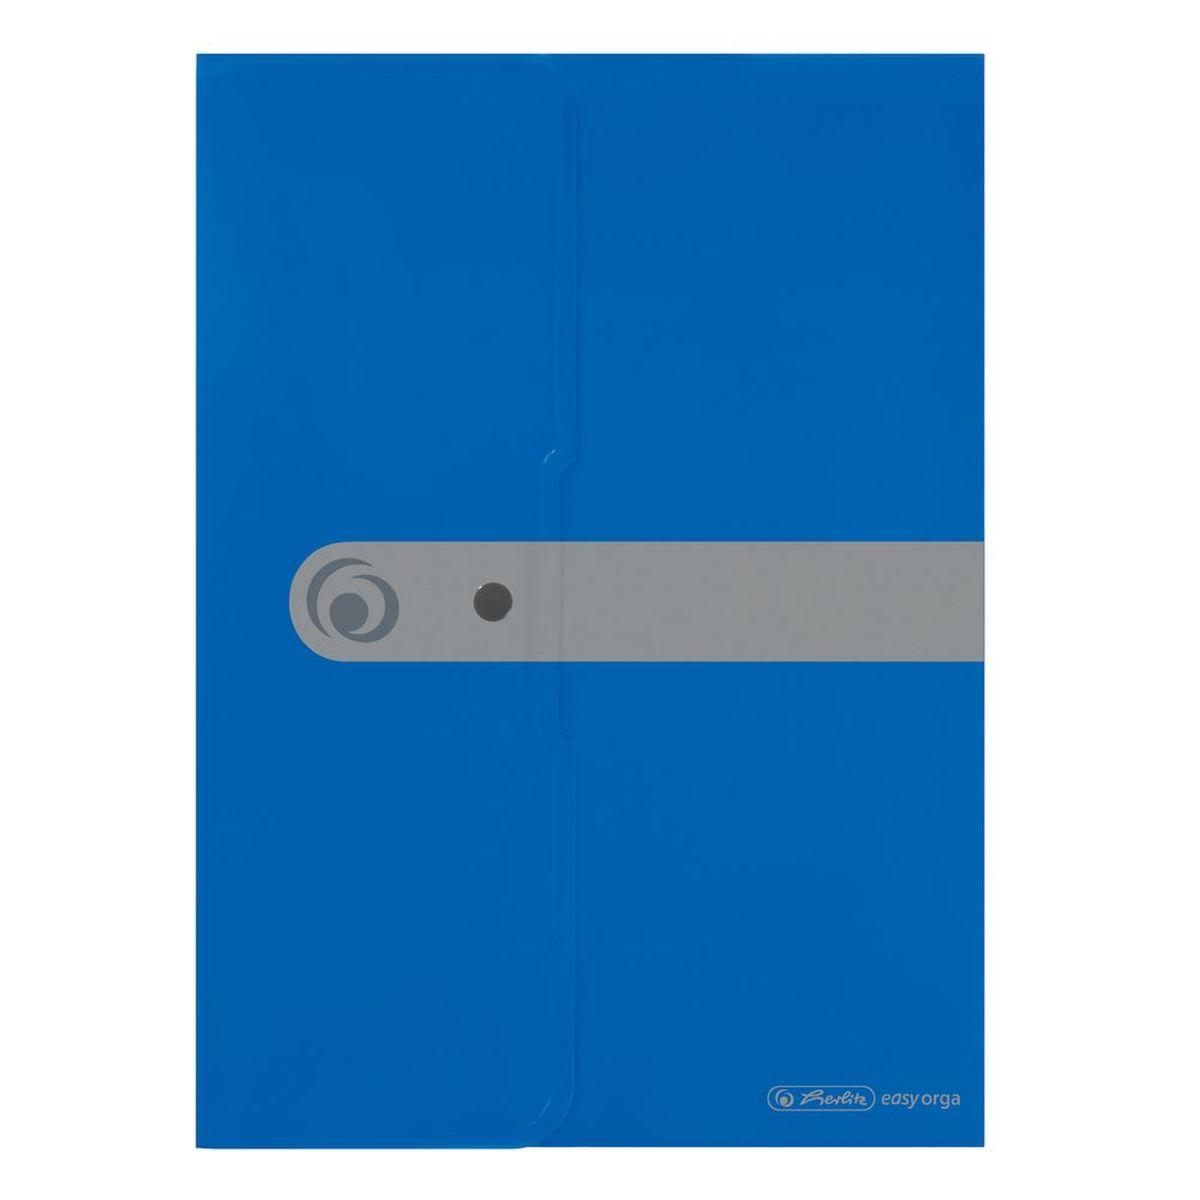 Herlitz Папка-конверт Easy orga формат A4 цвет синий11206703Папка-конверт для документов Herlitz Easy orga станет вашим верным помощником дома и в офисе. Это удобный и функциональный инструмент, предназначенный для хранения и транспортировки больших объемов рабочих бумаг и документов формата А4. Папка изготовлена из качественного полипропилена. Состоит из одного вместительного отделения. Закрывается папка просто и удобно - при помощи кнопки, которая ее надежно фиксирует. Папка - это незаменимый атрибут для любого студента, школьника или офисного работника. Такая папка надежно сохранит ваши бумаги и сбережет их от повреждений, пыли и влаги.